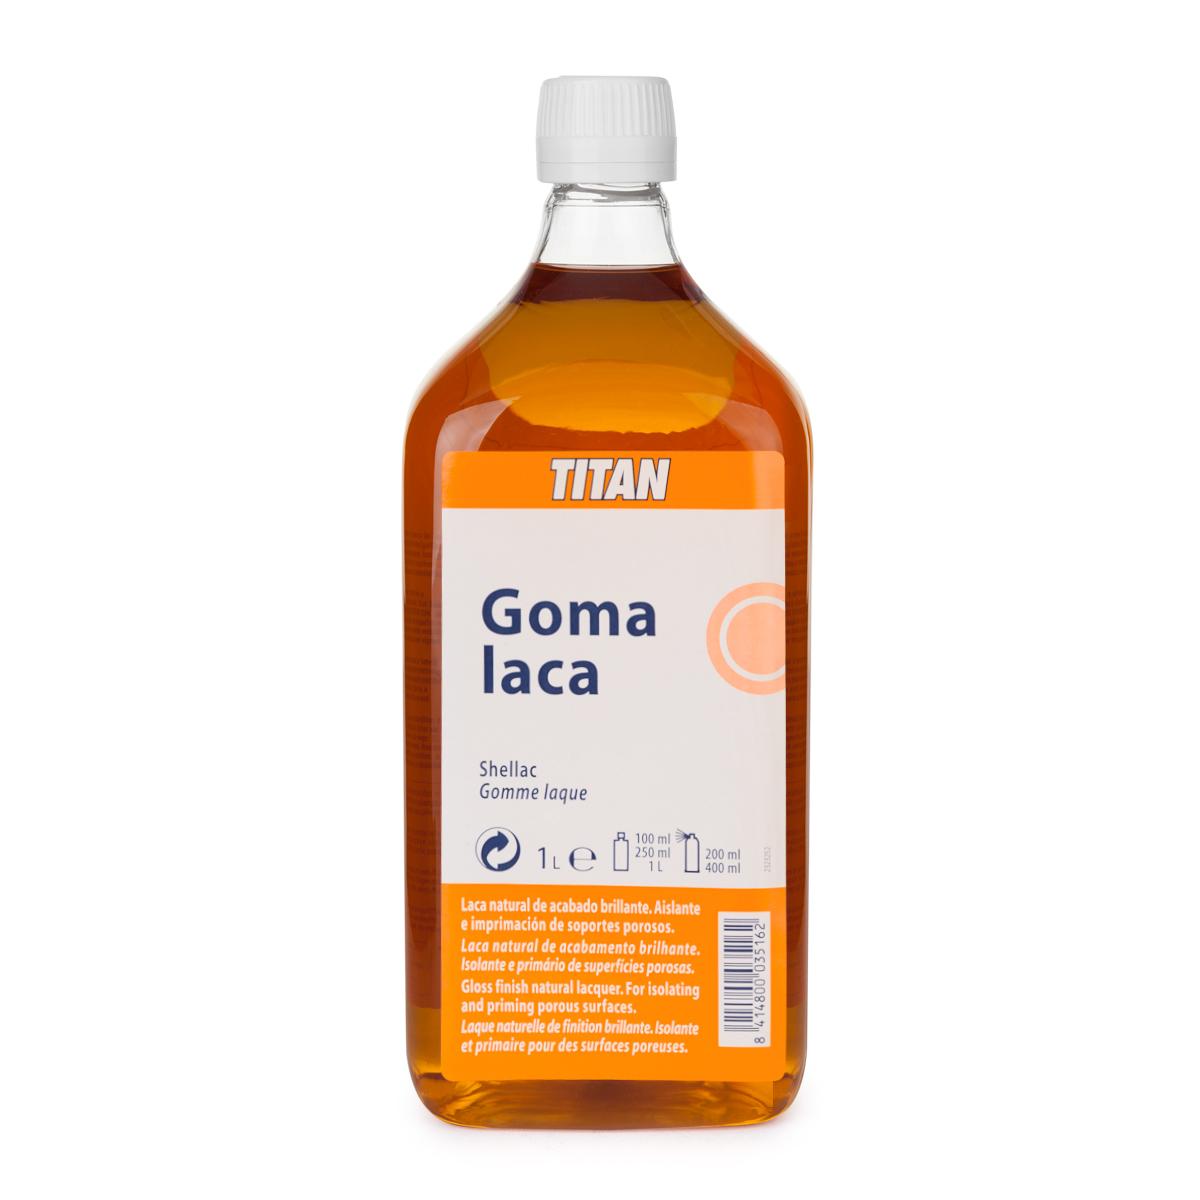 GOMA LACA TITAN 1L